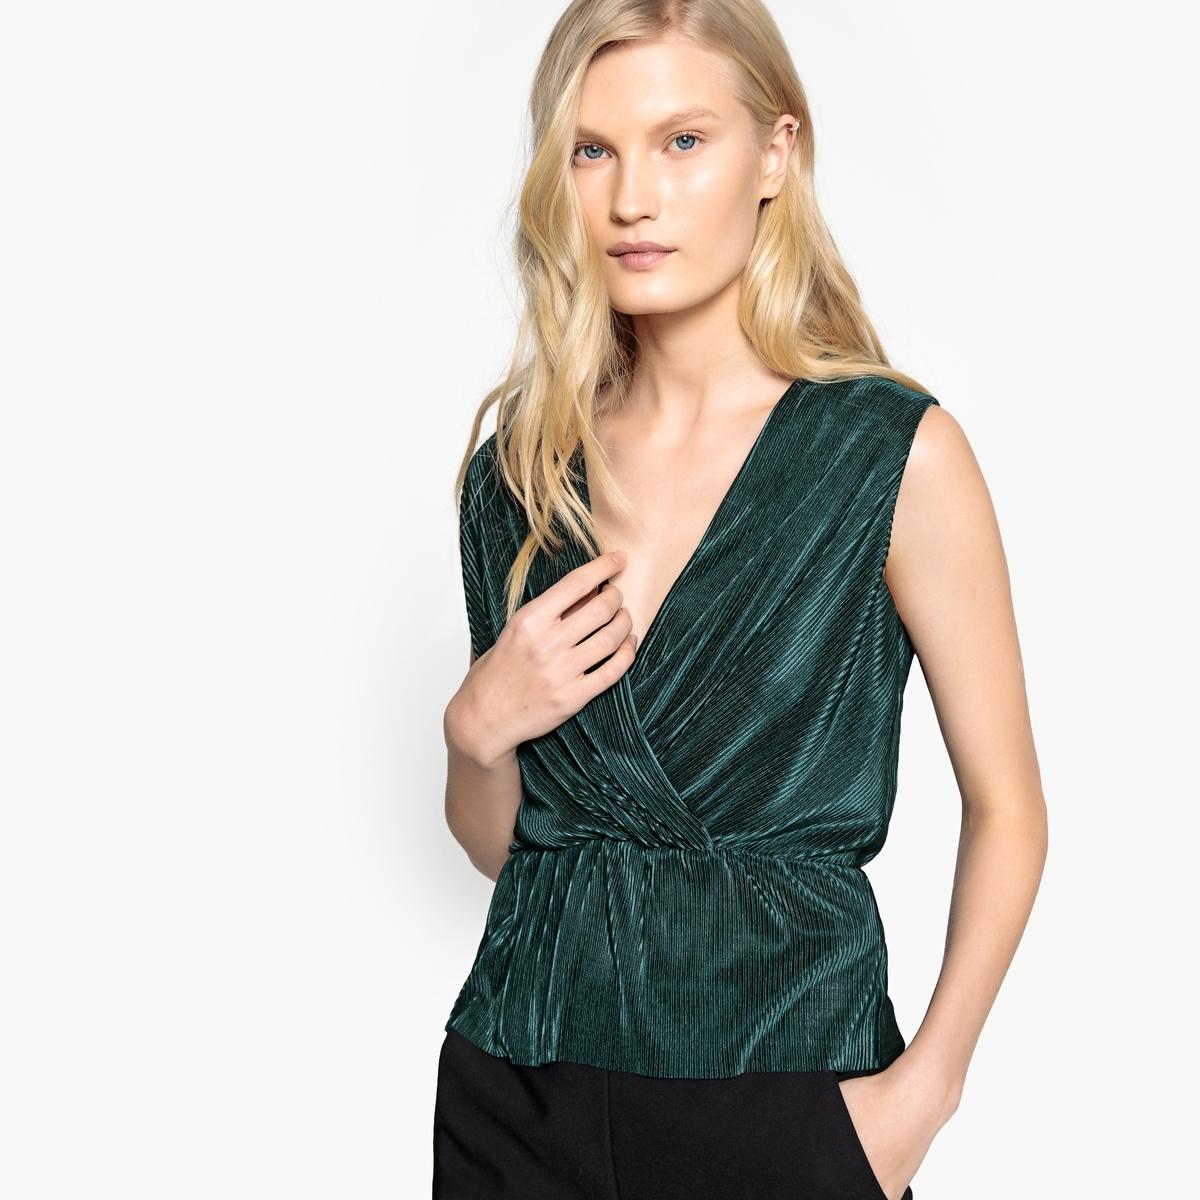 Блузка La Redoute Плиссированная с V-образным вырезом с запахом без рукавов 44 (FR) - 50 (RUS) зеленый блузка la redoute с круглым вырезом без рукавов 50 fr 56 rus черный